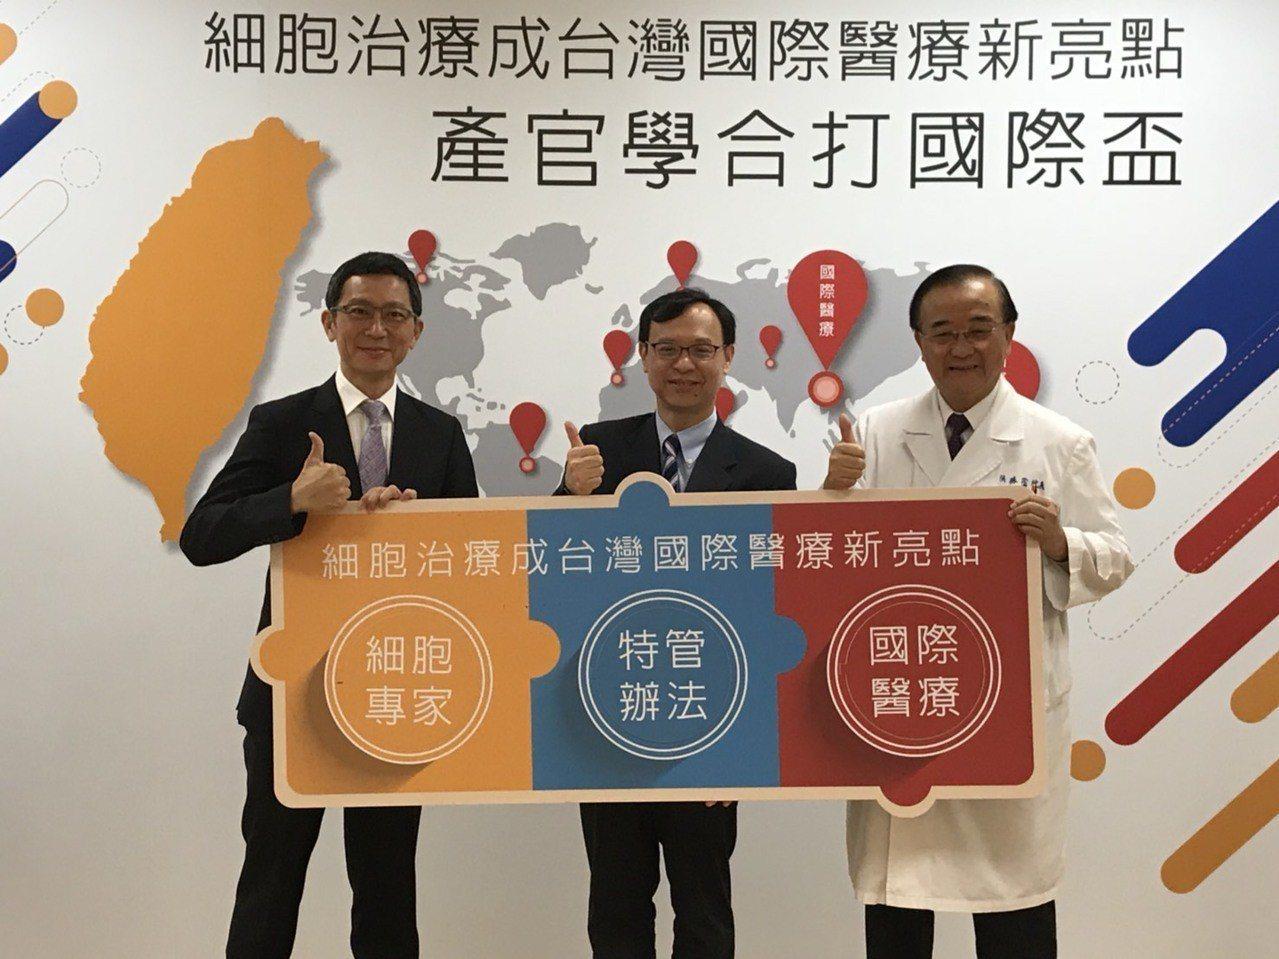 台灣醫療品質聞名全球,近年國際醫療結合觀光成為新亮點。衛福部去年9月發布特管辦法...